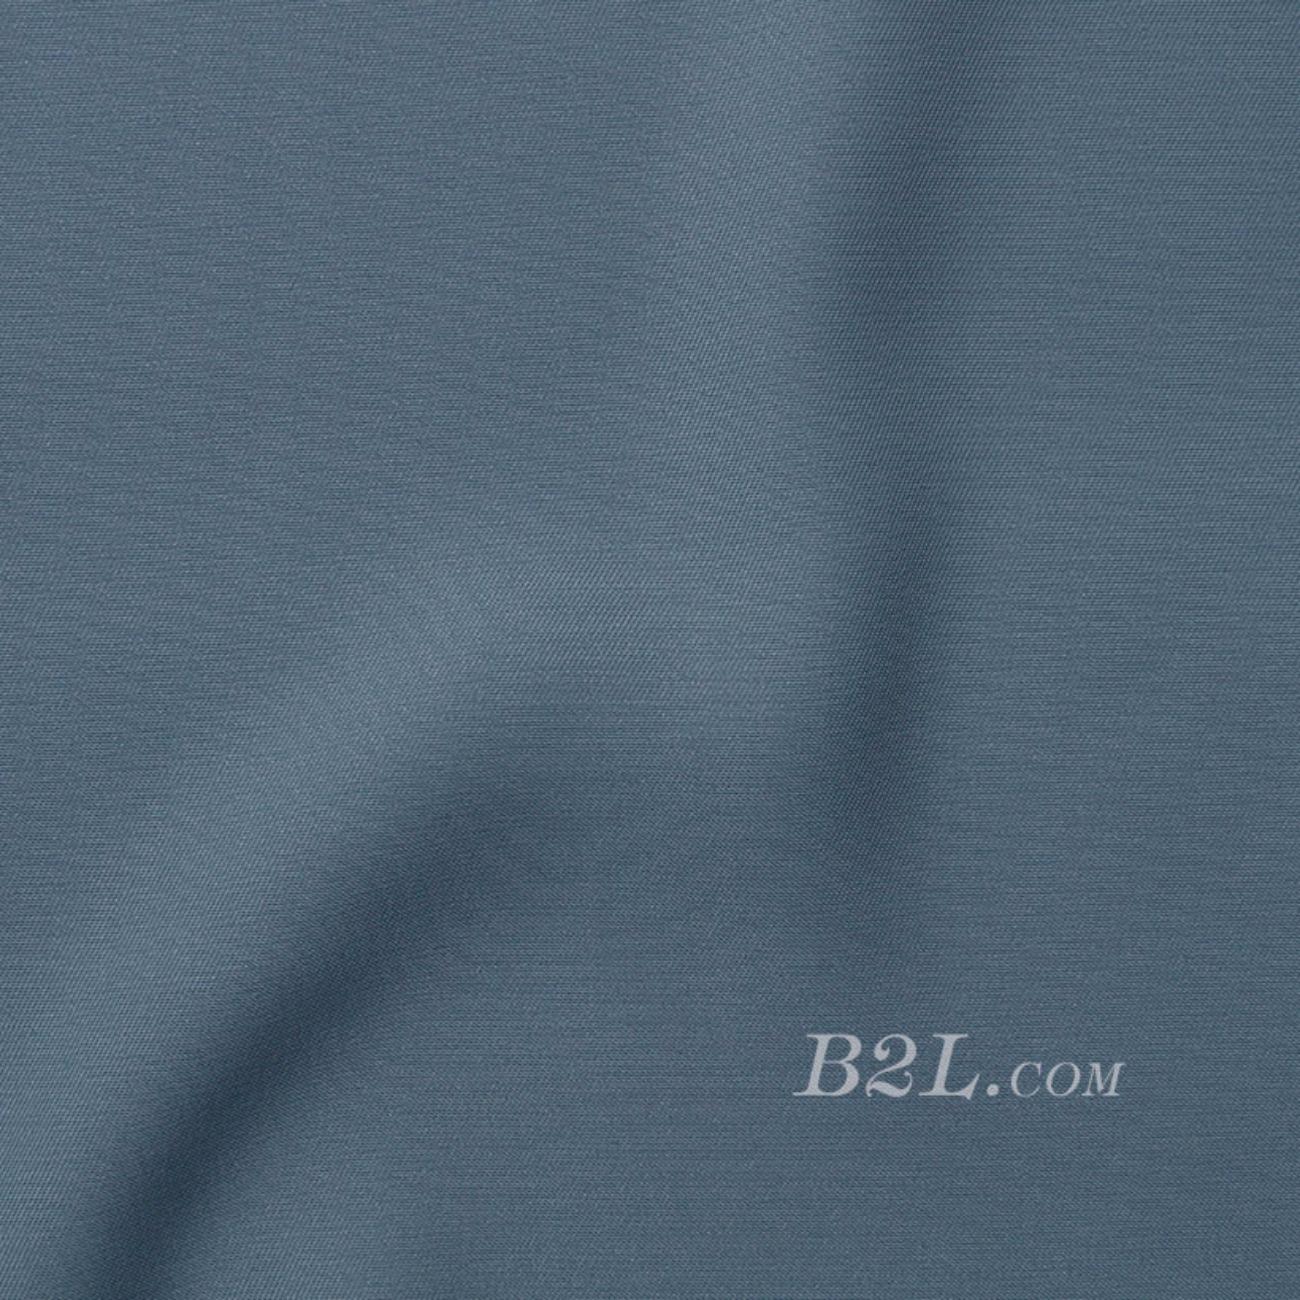 现货 素色 梭织 斜纹 弹力 染色 春秋 连衣裙 外套 女装 80530-23